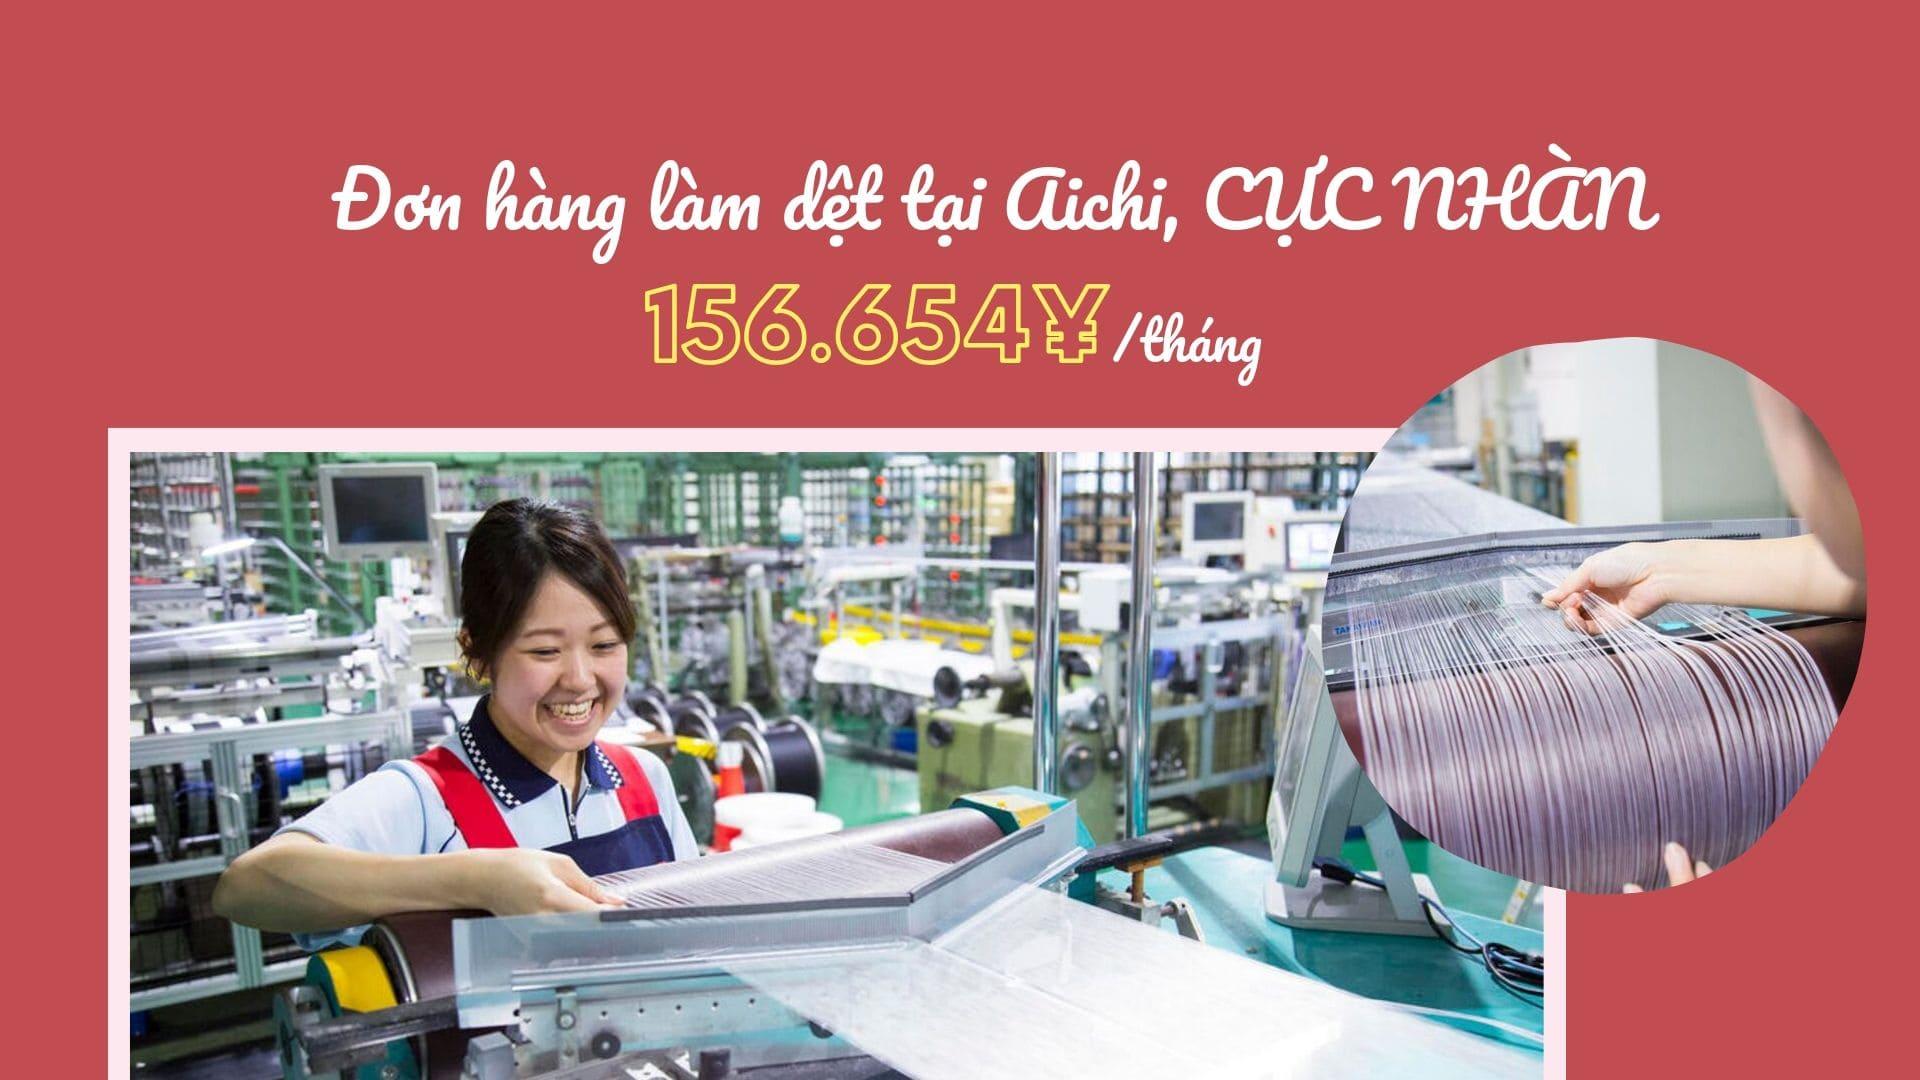 Tuyển 25 nam/nữ làm dệt tại Aichi, lương hấp dẫn 33 triệu/tháng